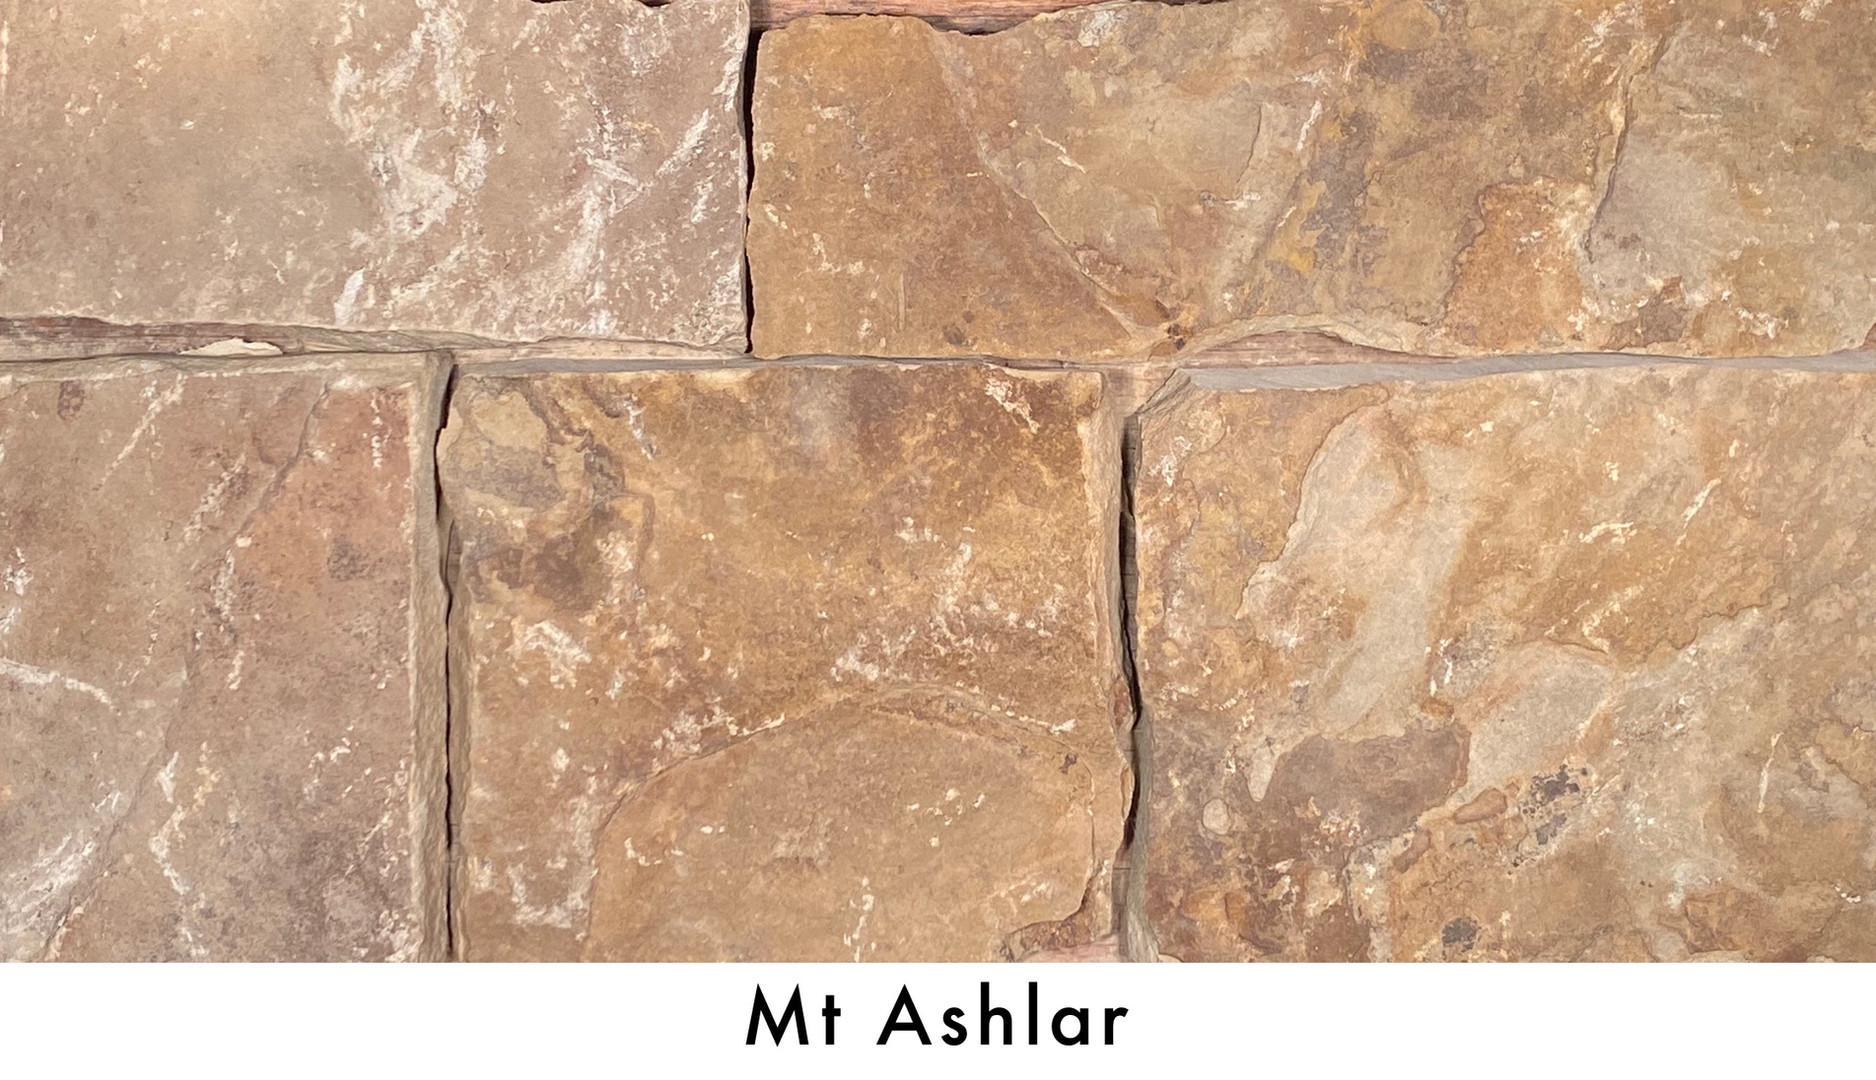 Mt Ashlar